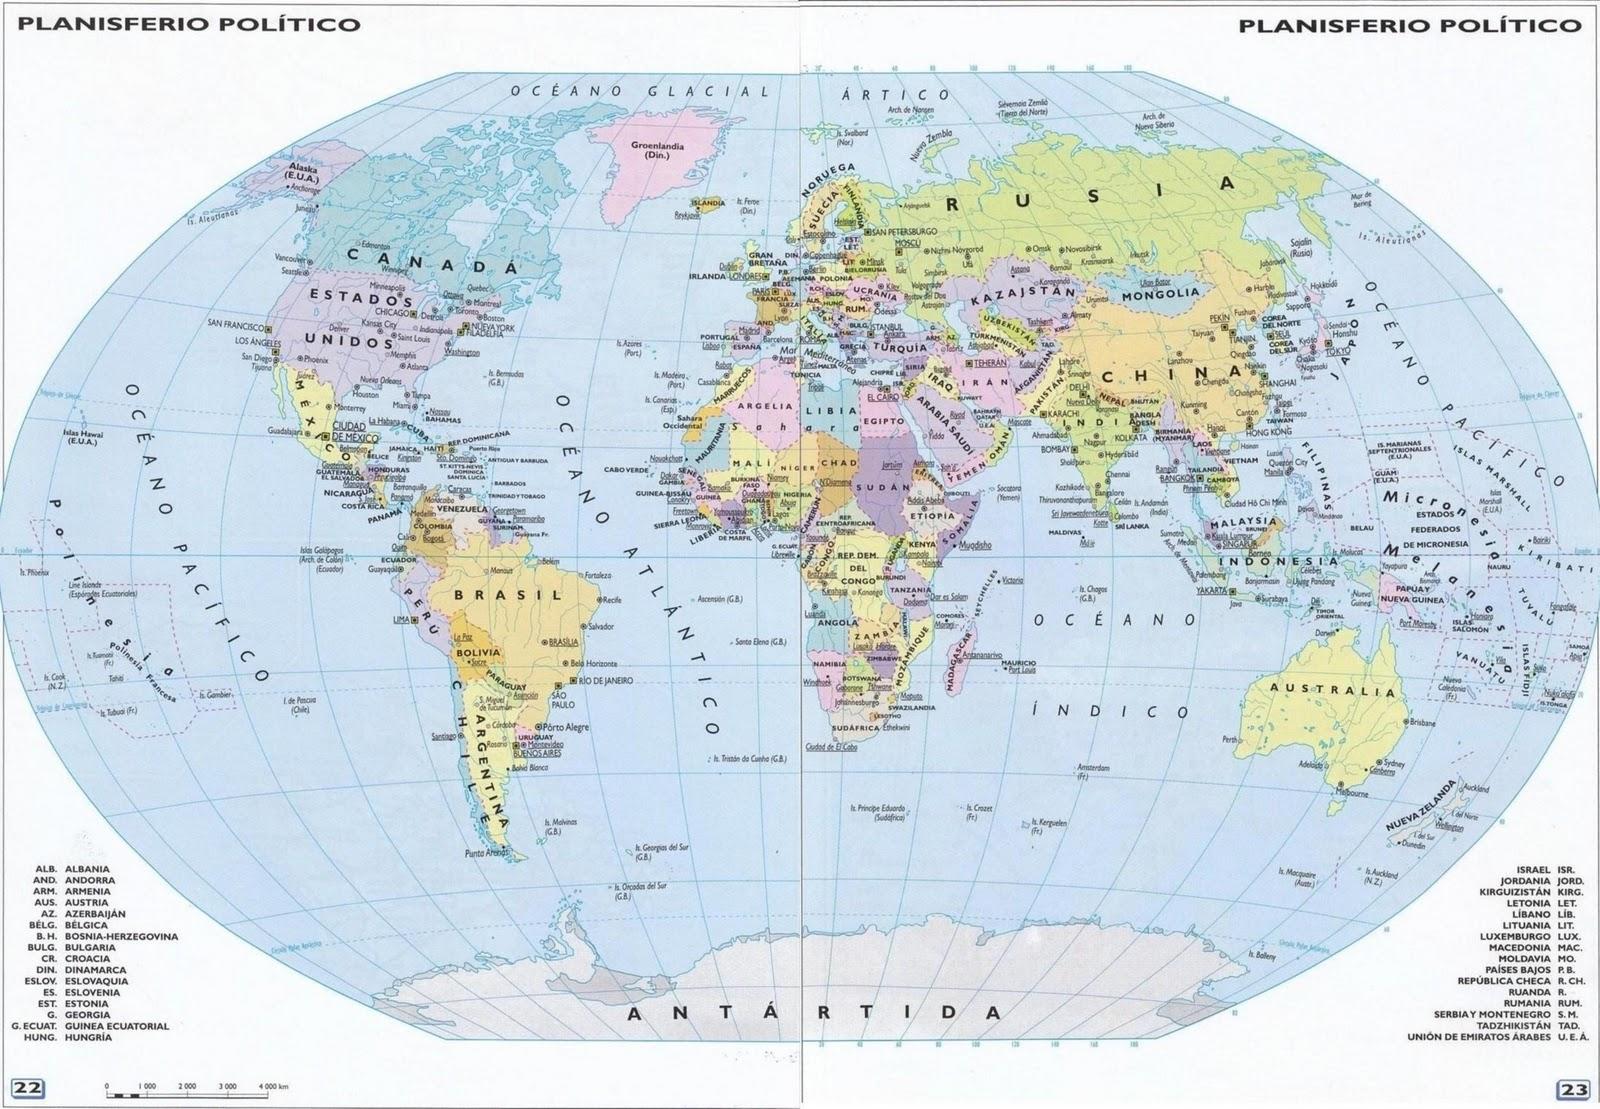 Tertulias de la Manqueta Mapa Mundi